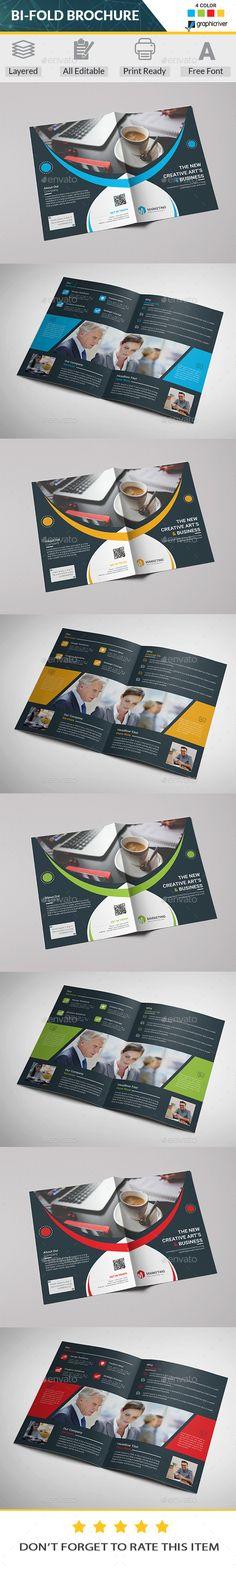 Bi-Fold #Brochure - #Corporate Brochures Download here:  https://graphicriver.net/item/bifold-brochure/20035694?ref=alena994